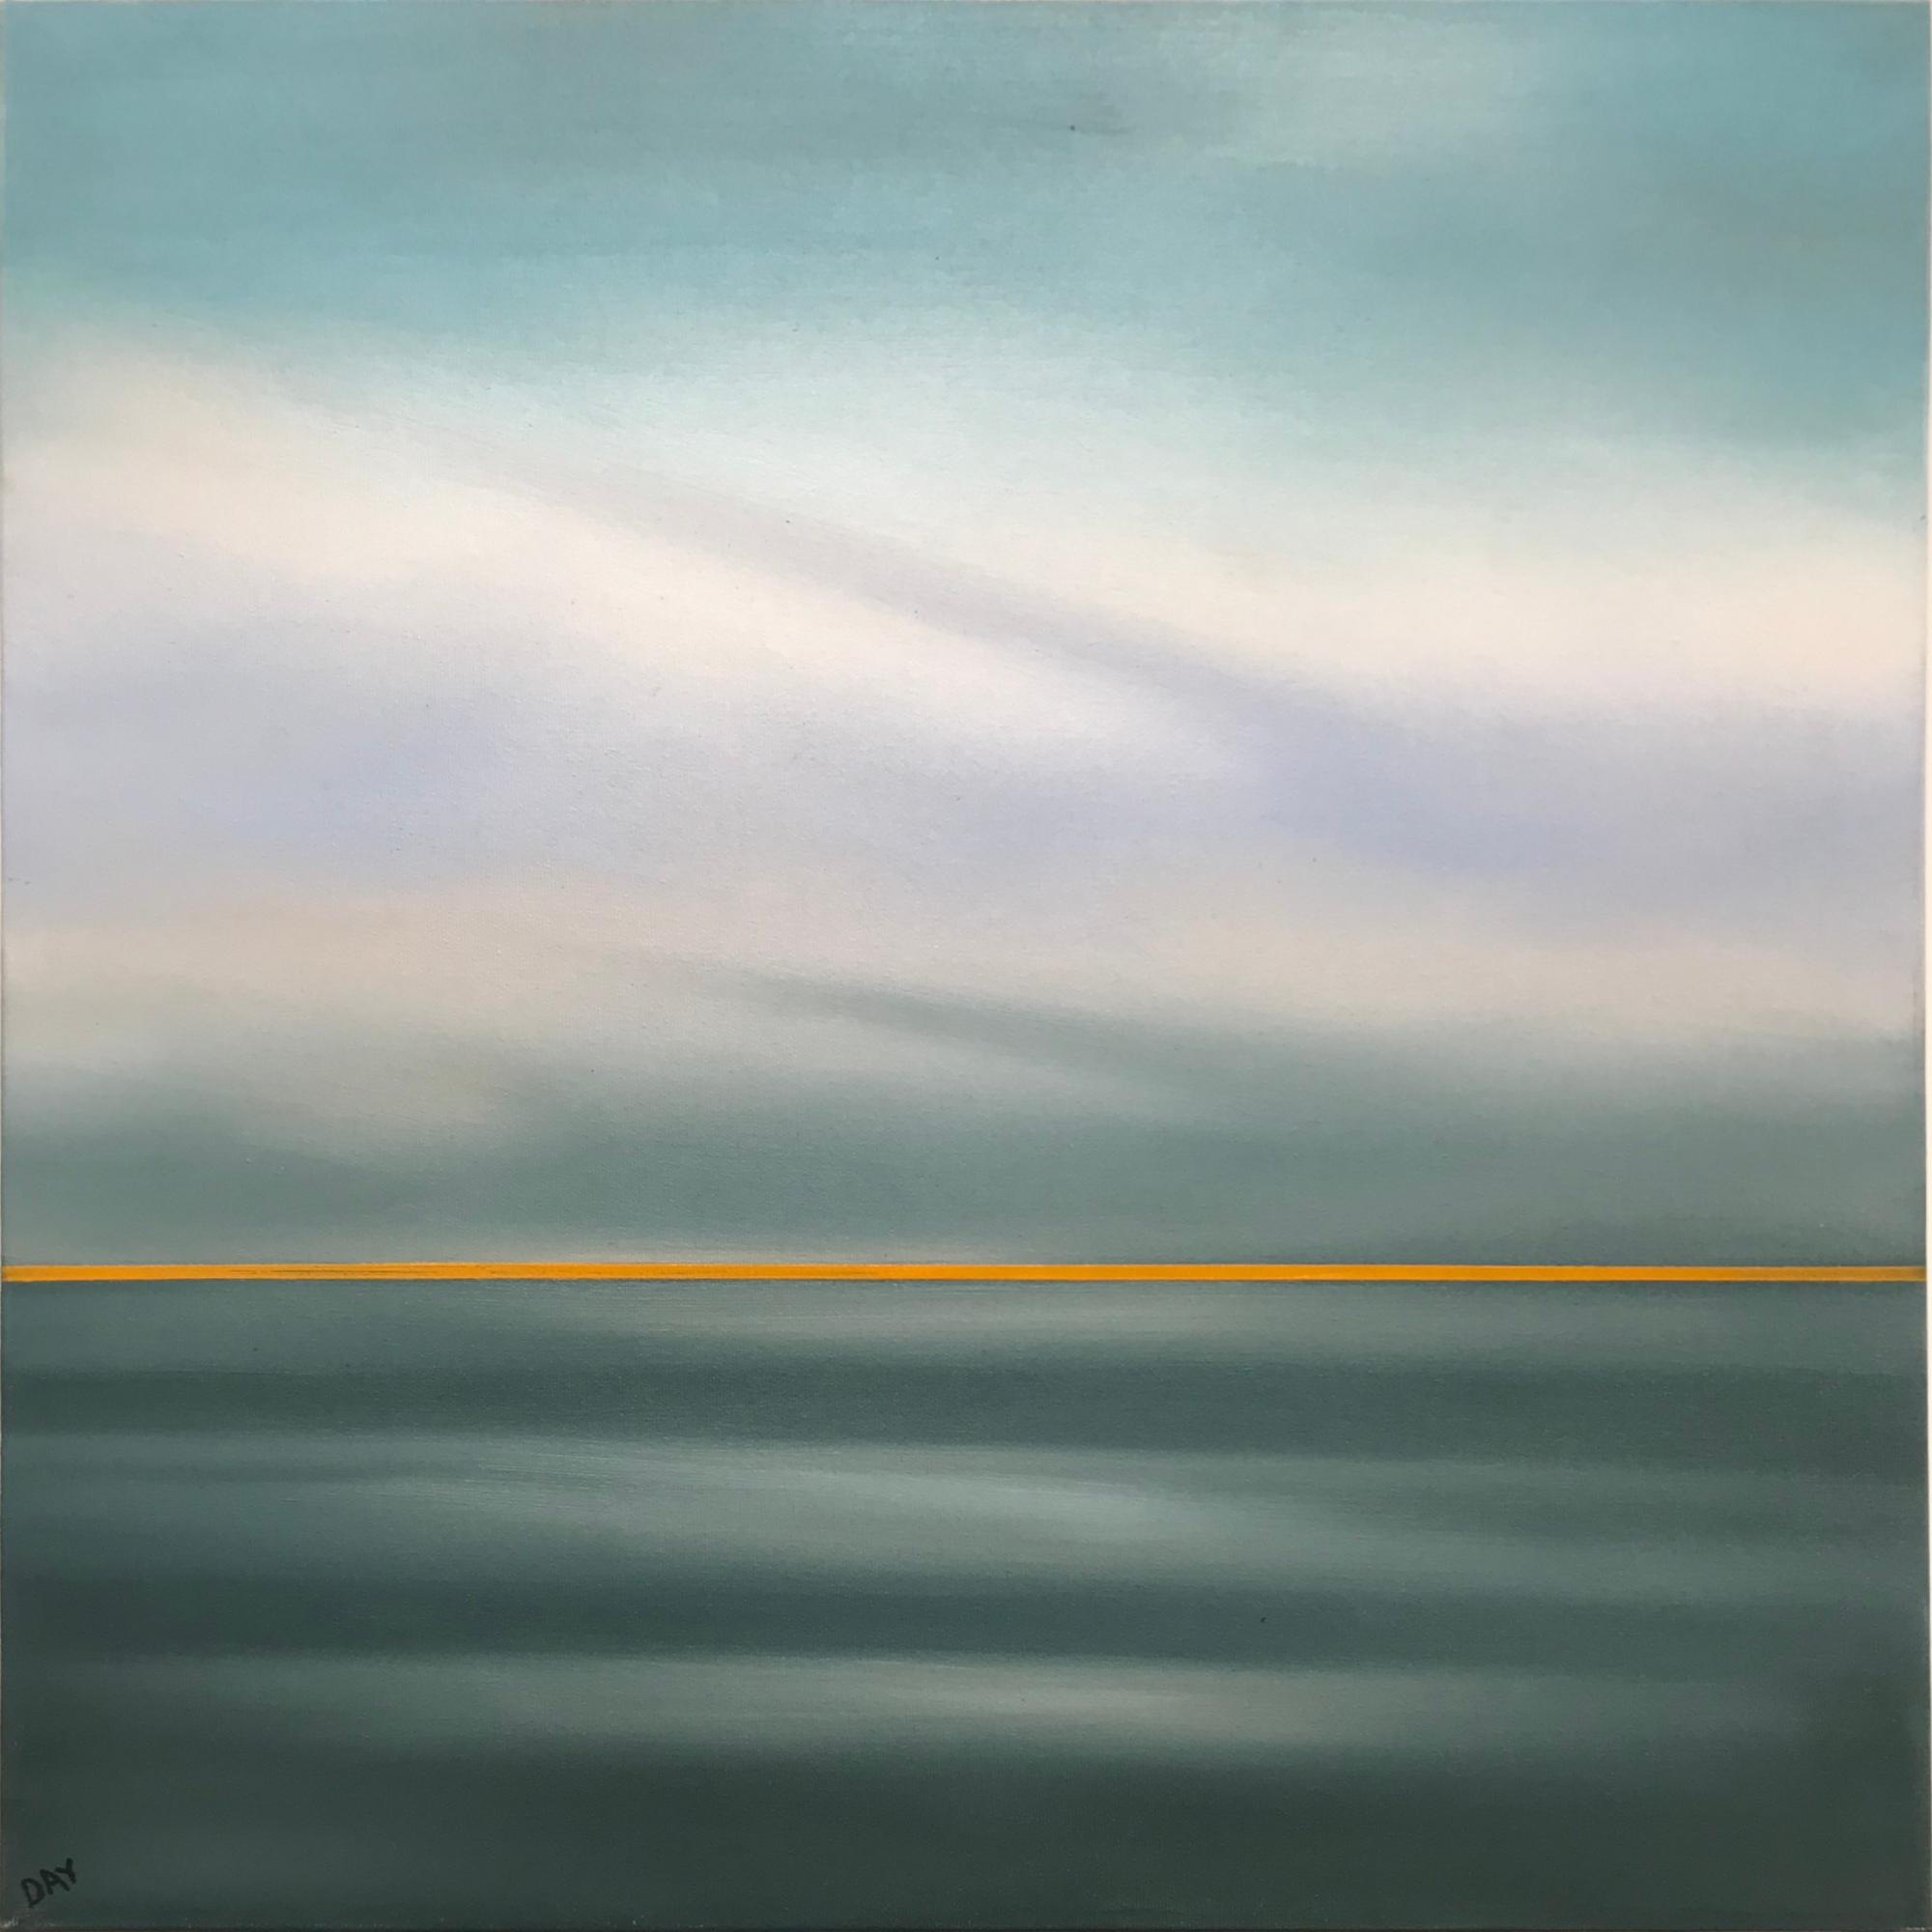 Yellowline by Melanie Day